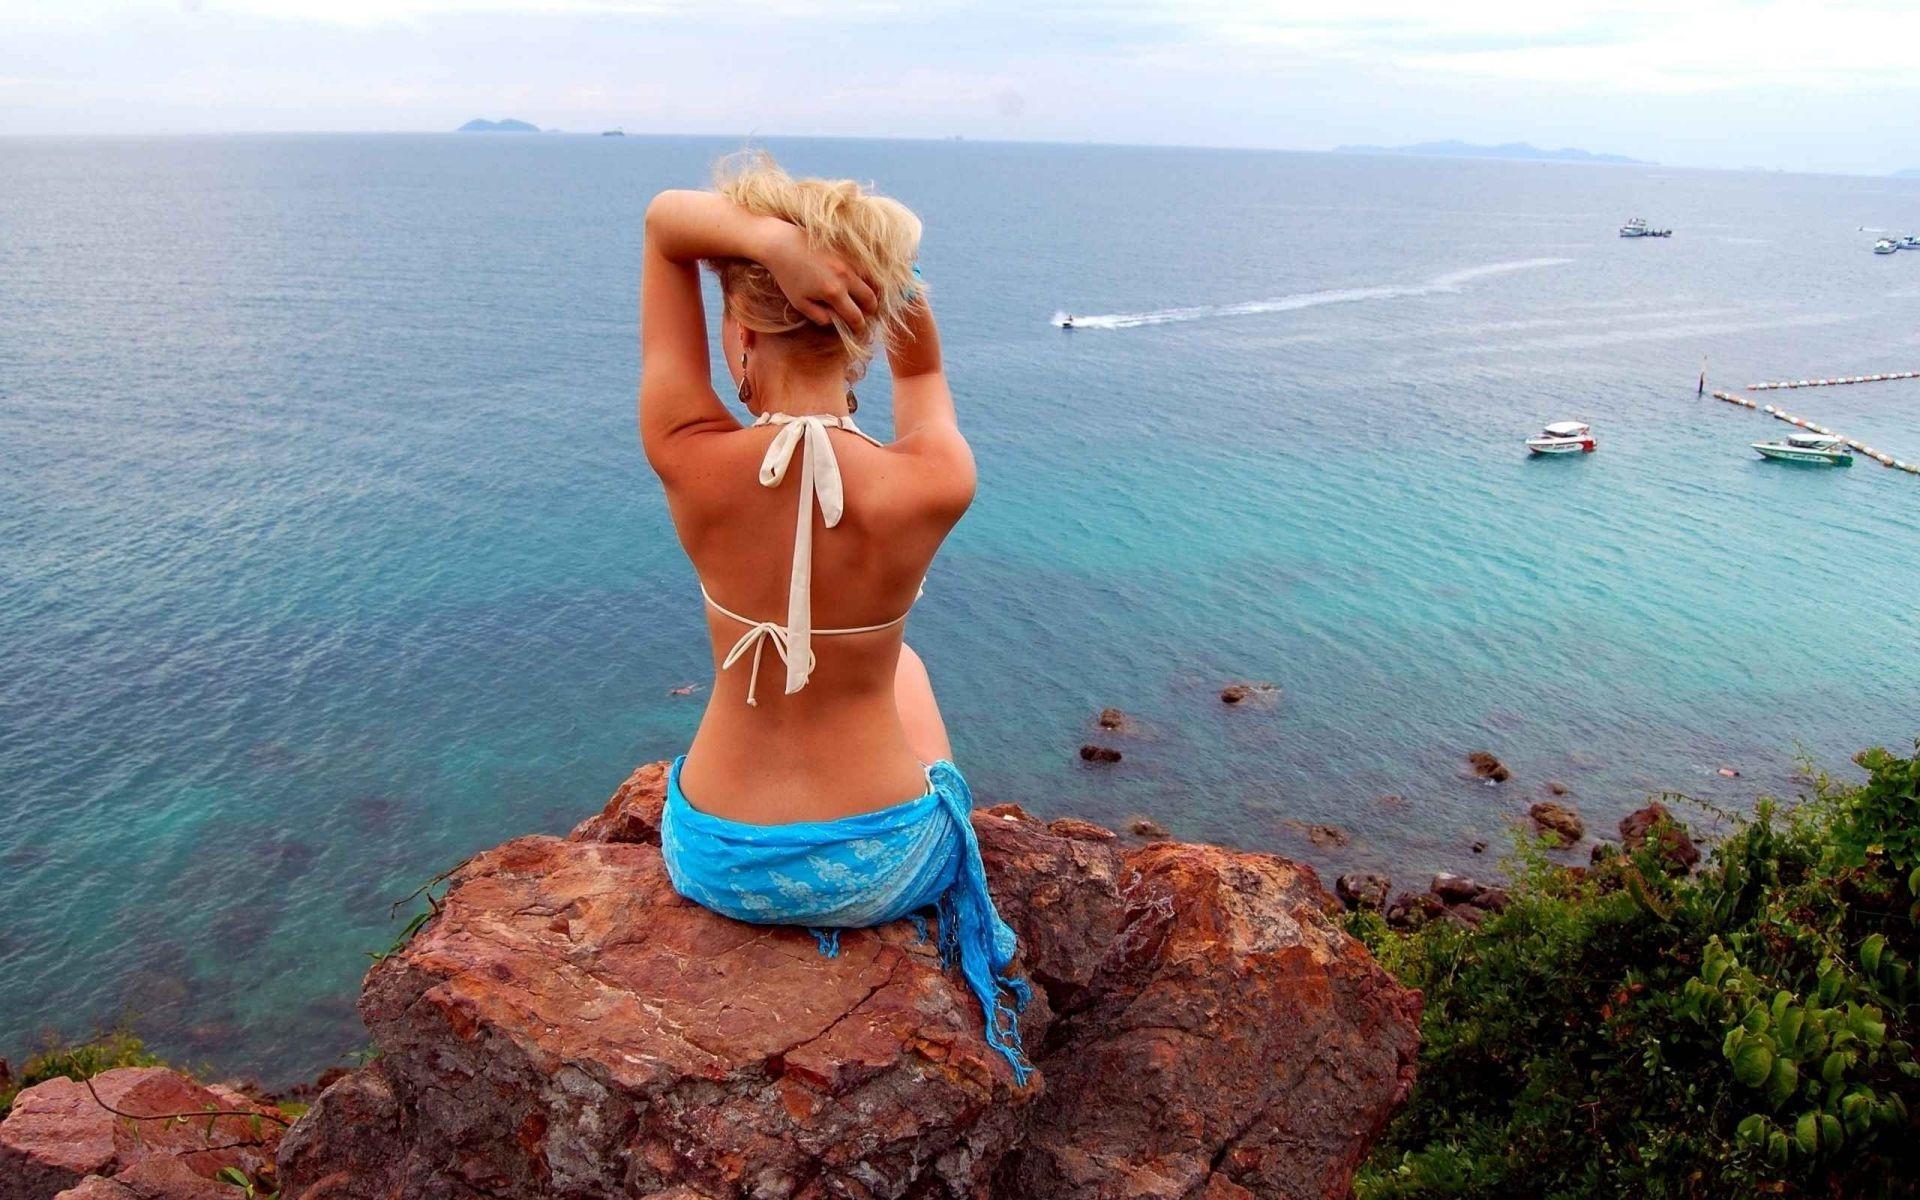 похожее красивые девушки фото на море обыкновенный род недостойно